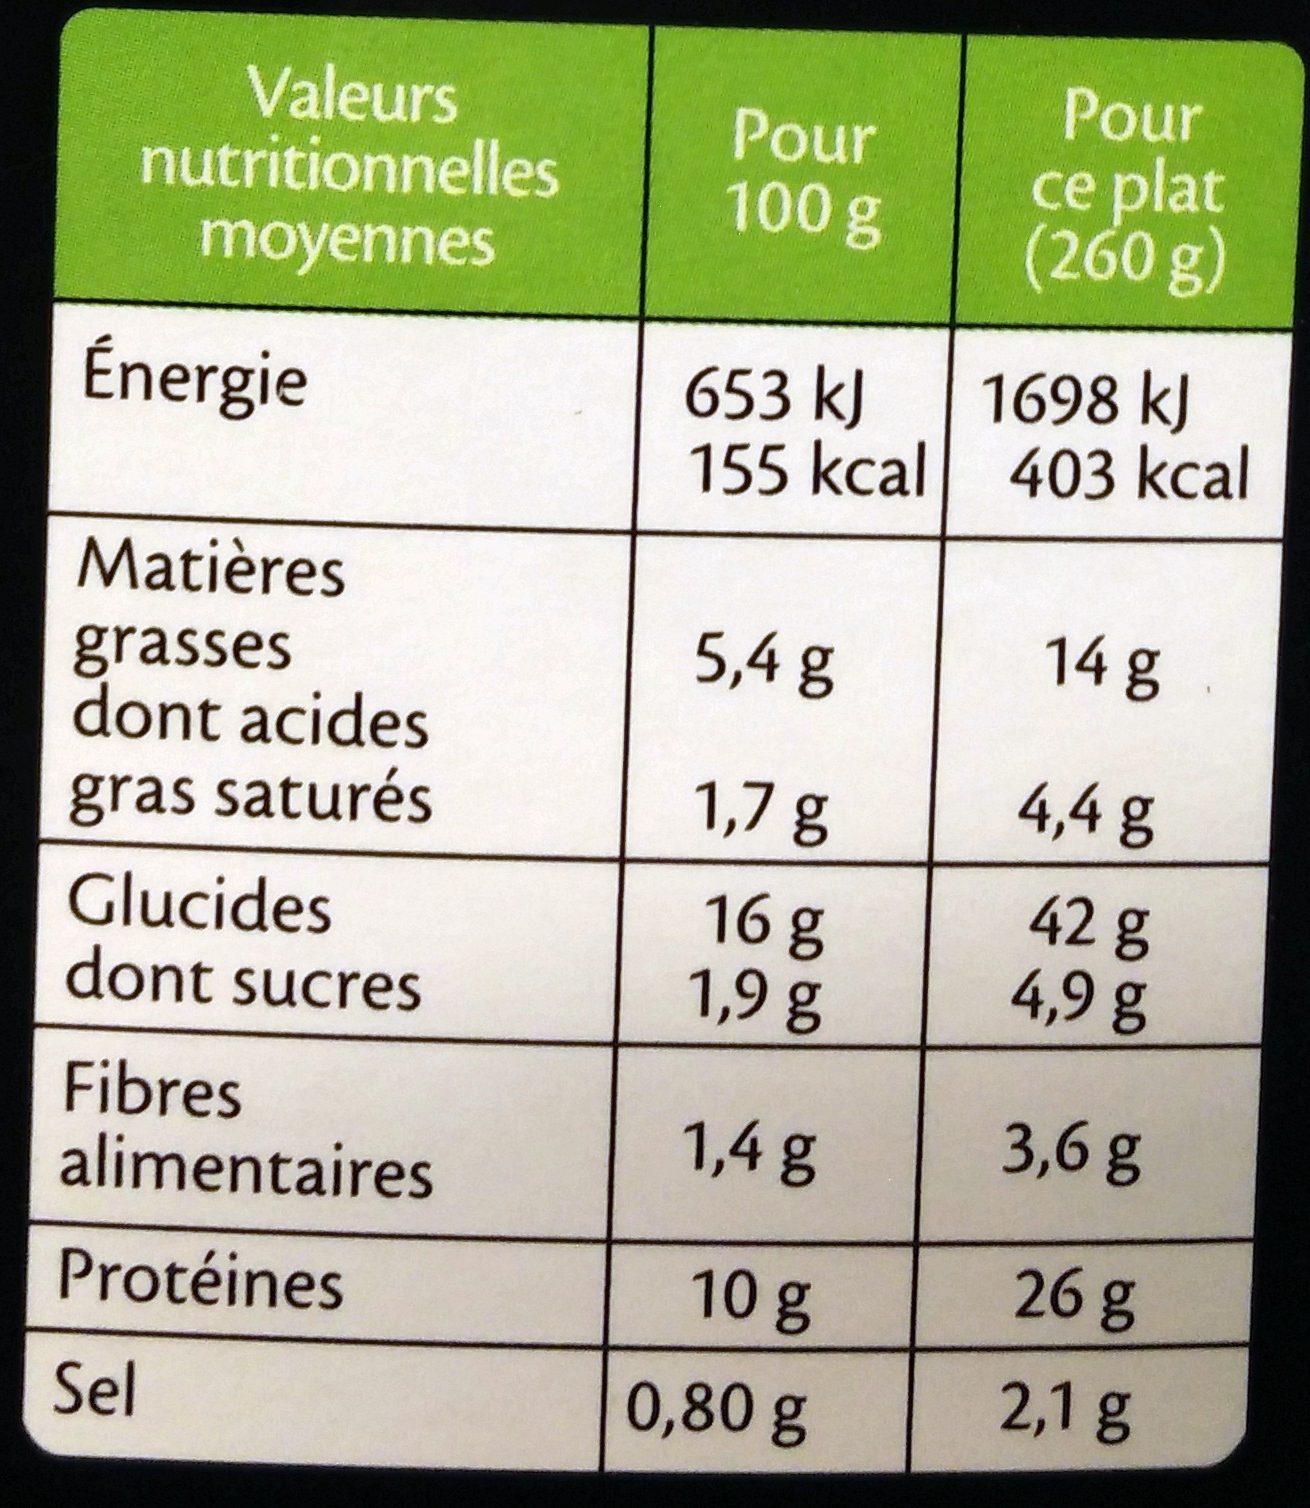 Poulet sauté & ses fins spaghetti au Basilic - Informations nutritionnelles